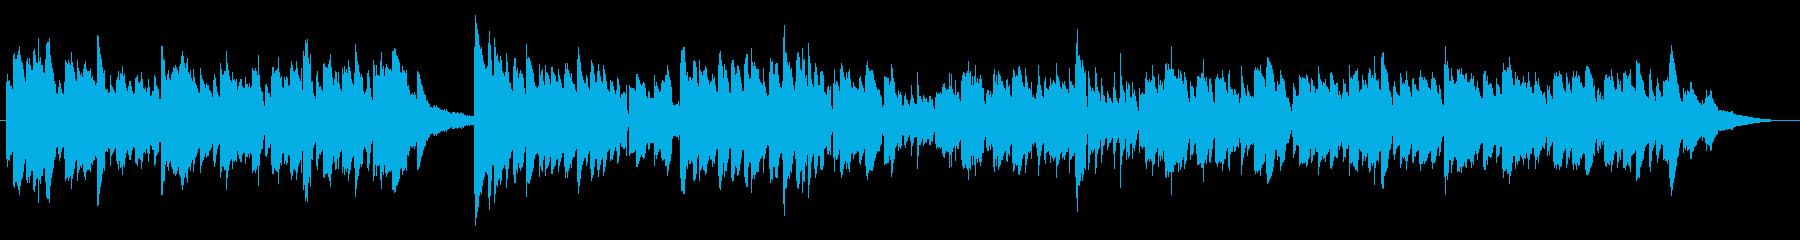 開かれた航路 進路 羅針盤 潮流 アコギの再生済みの波形